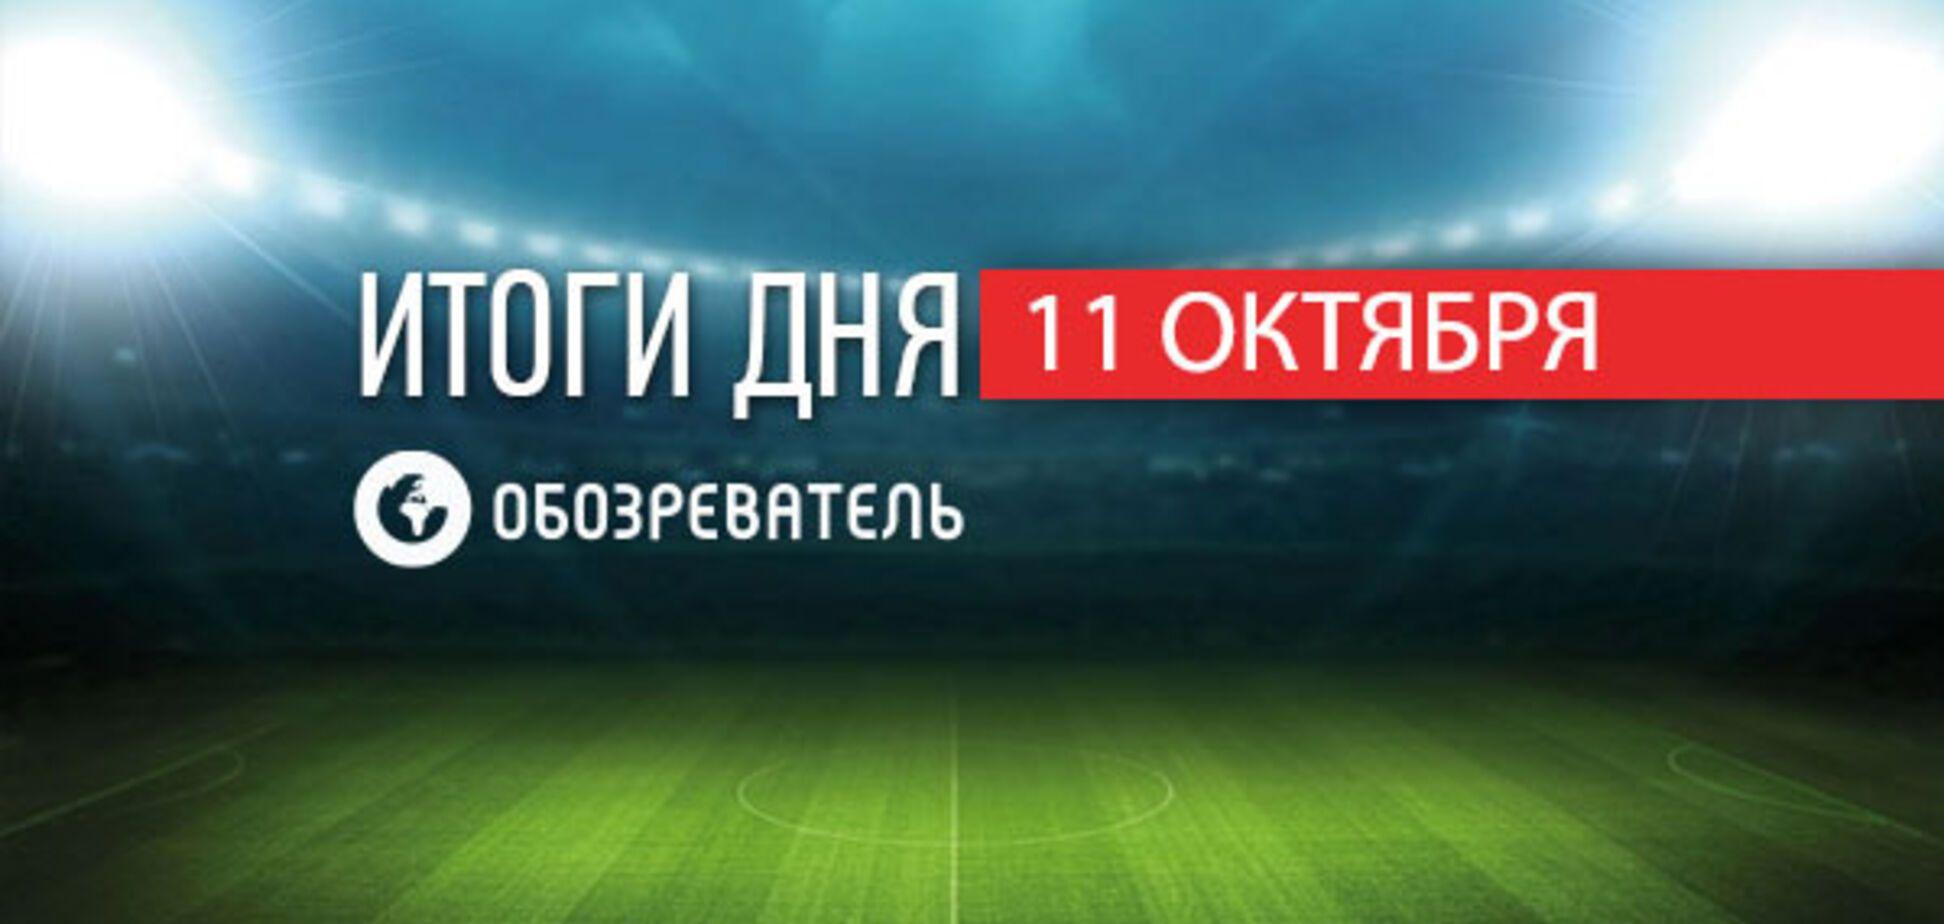 Украина фактически вышла на Евро-2020: спортивные итоги 11 октября